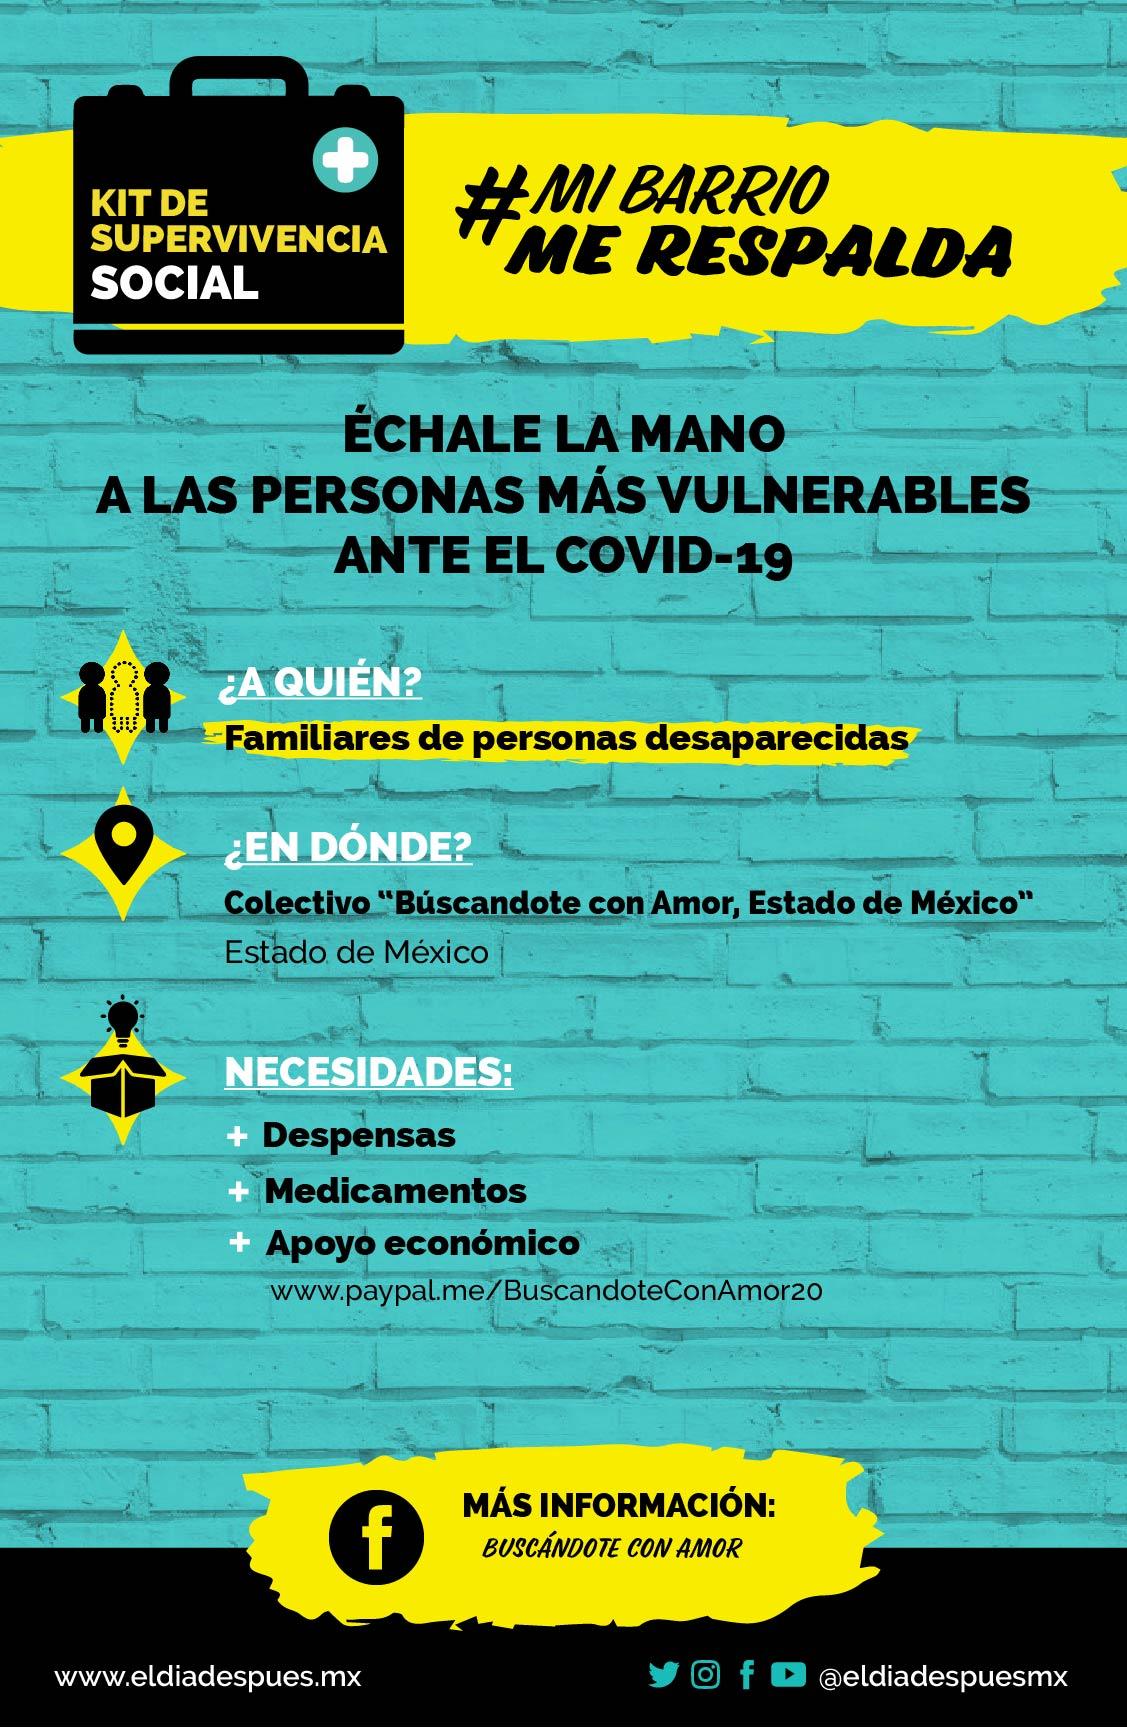 2. Búscandote con Amor, Estado de México